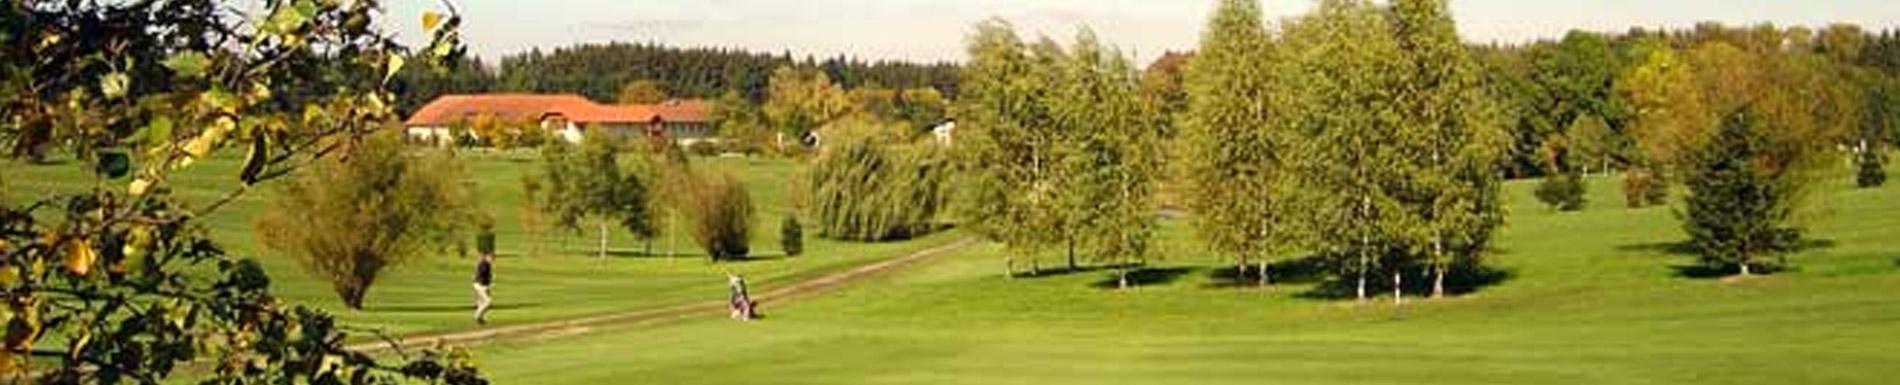 Golfclub Innviertel Österreich